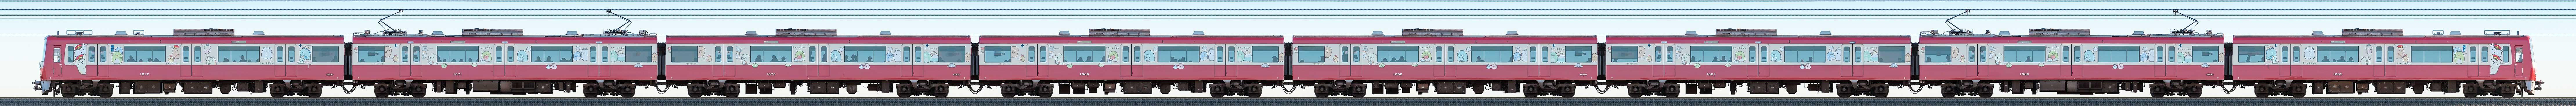 京急電鉄 新1000形(5次車)1065編成「京急トラッドトレイン すみっコぐらし号」(山側)の編成サイドビュー